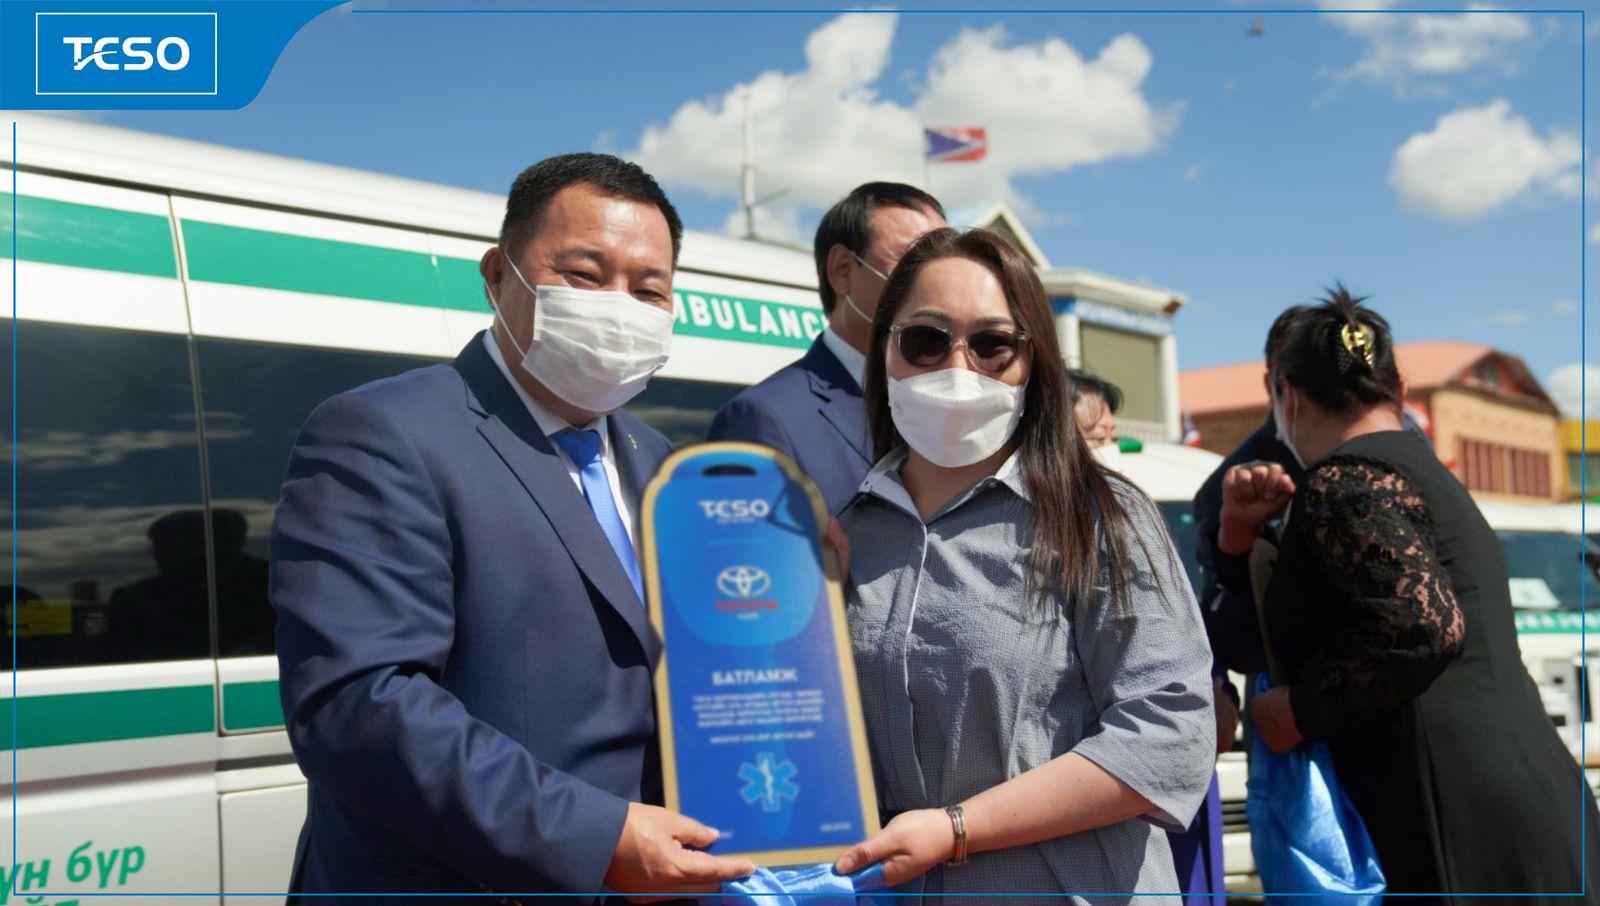 ТЭСО корпораци Увс аймгийн 19 суманд эмнэлгийн машин, хүчилтөрөгчийн болон амьсгалын аппарат хандивлалаа